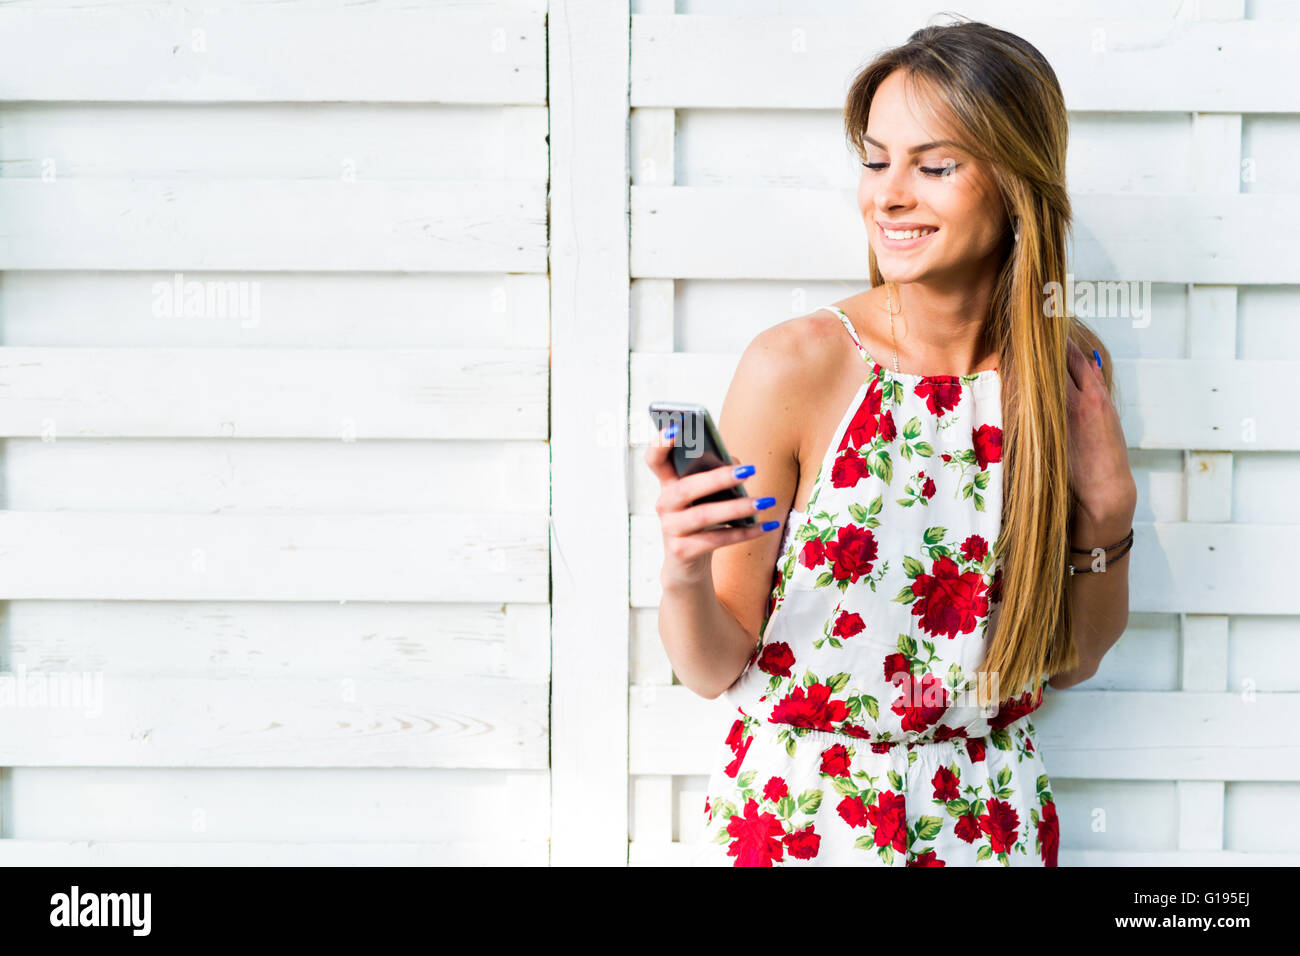 Hermosa joven utilizando el teléfono mientras se apoya contra una pared blanca durante un brillante día de verano Foto de stock